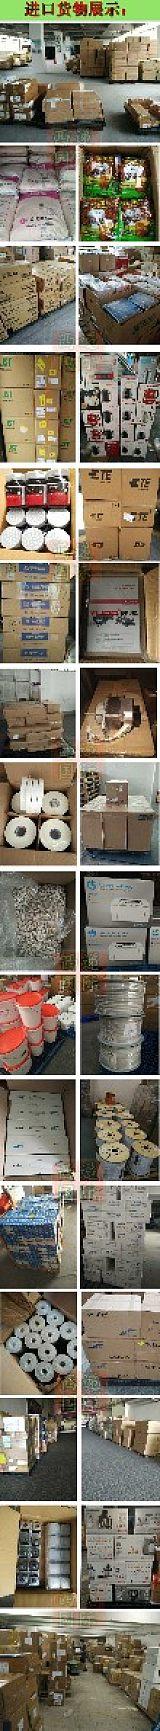 美国日本欧洲胶料布料胶膜配件电线国际快递到香港 香港清关进口到大陆